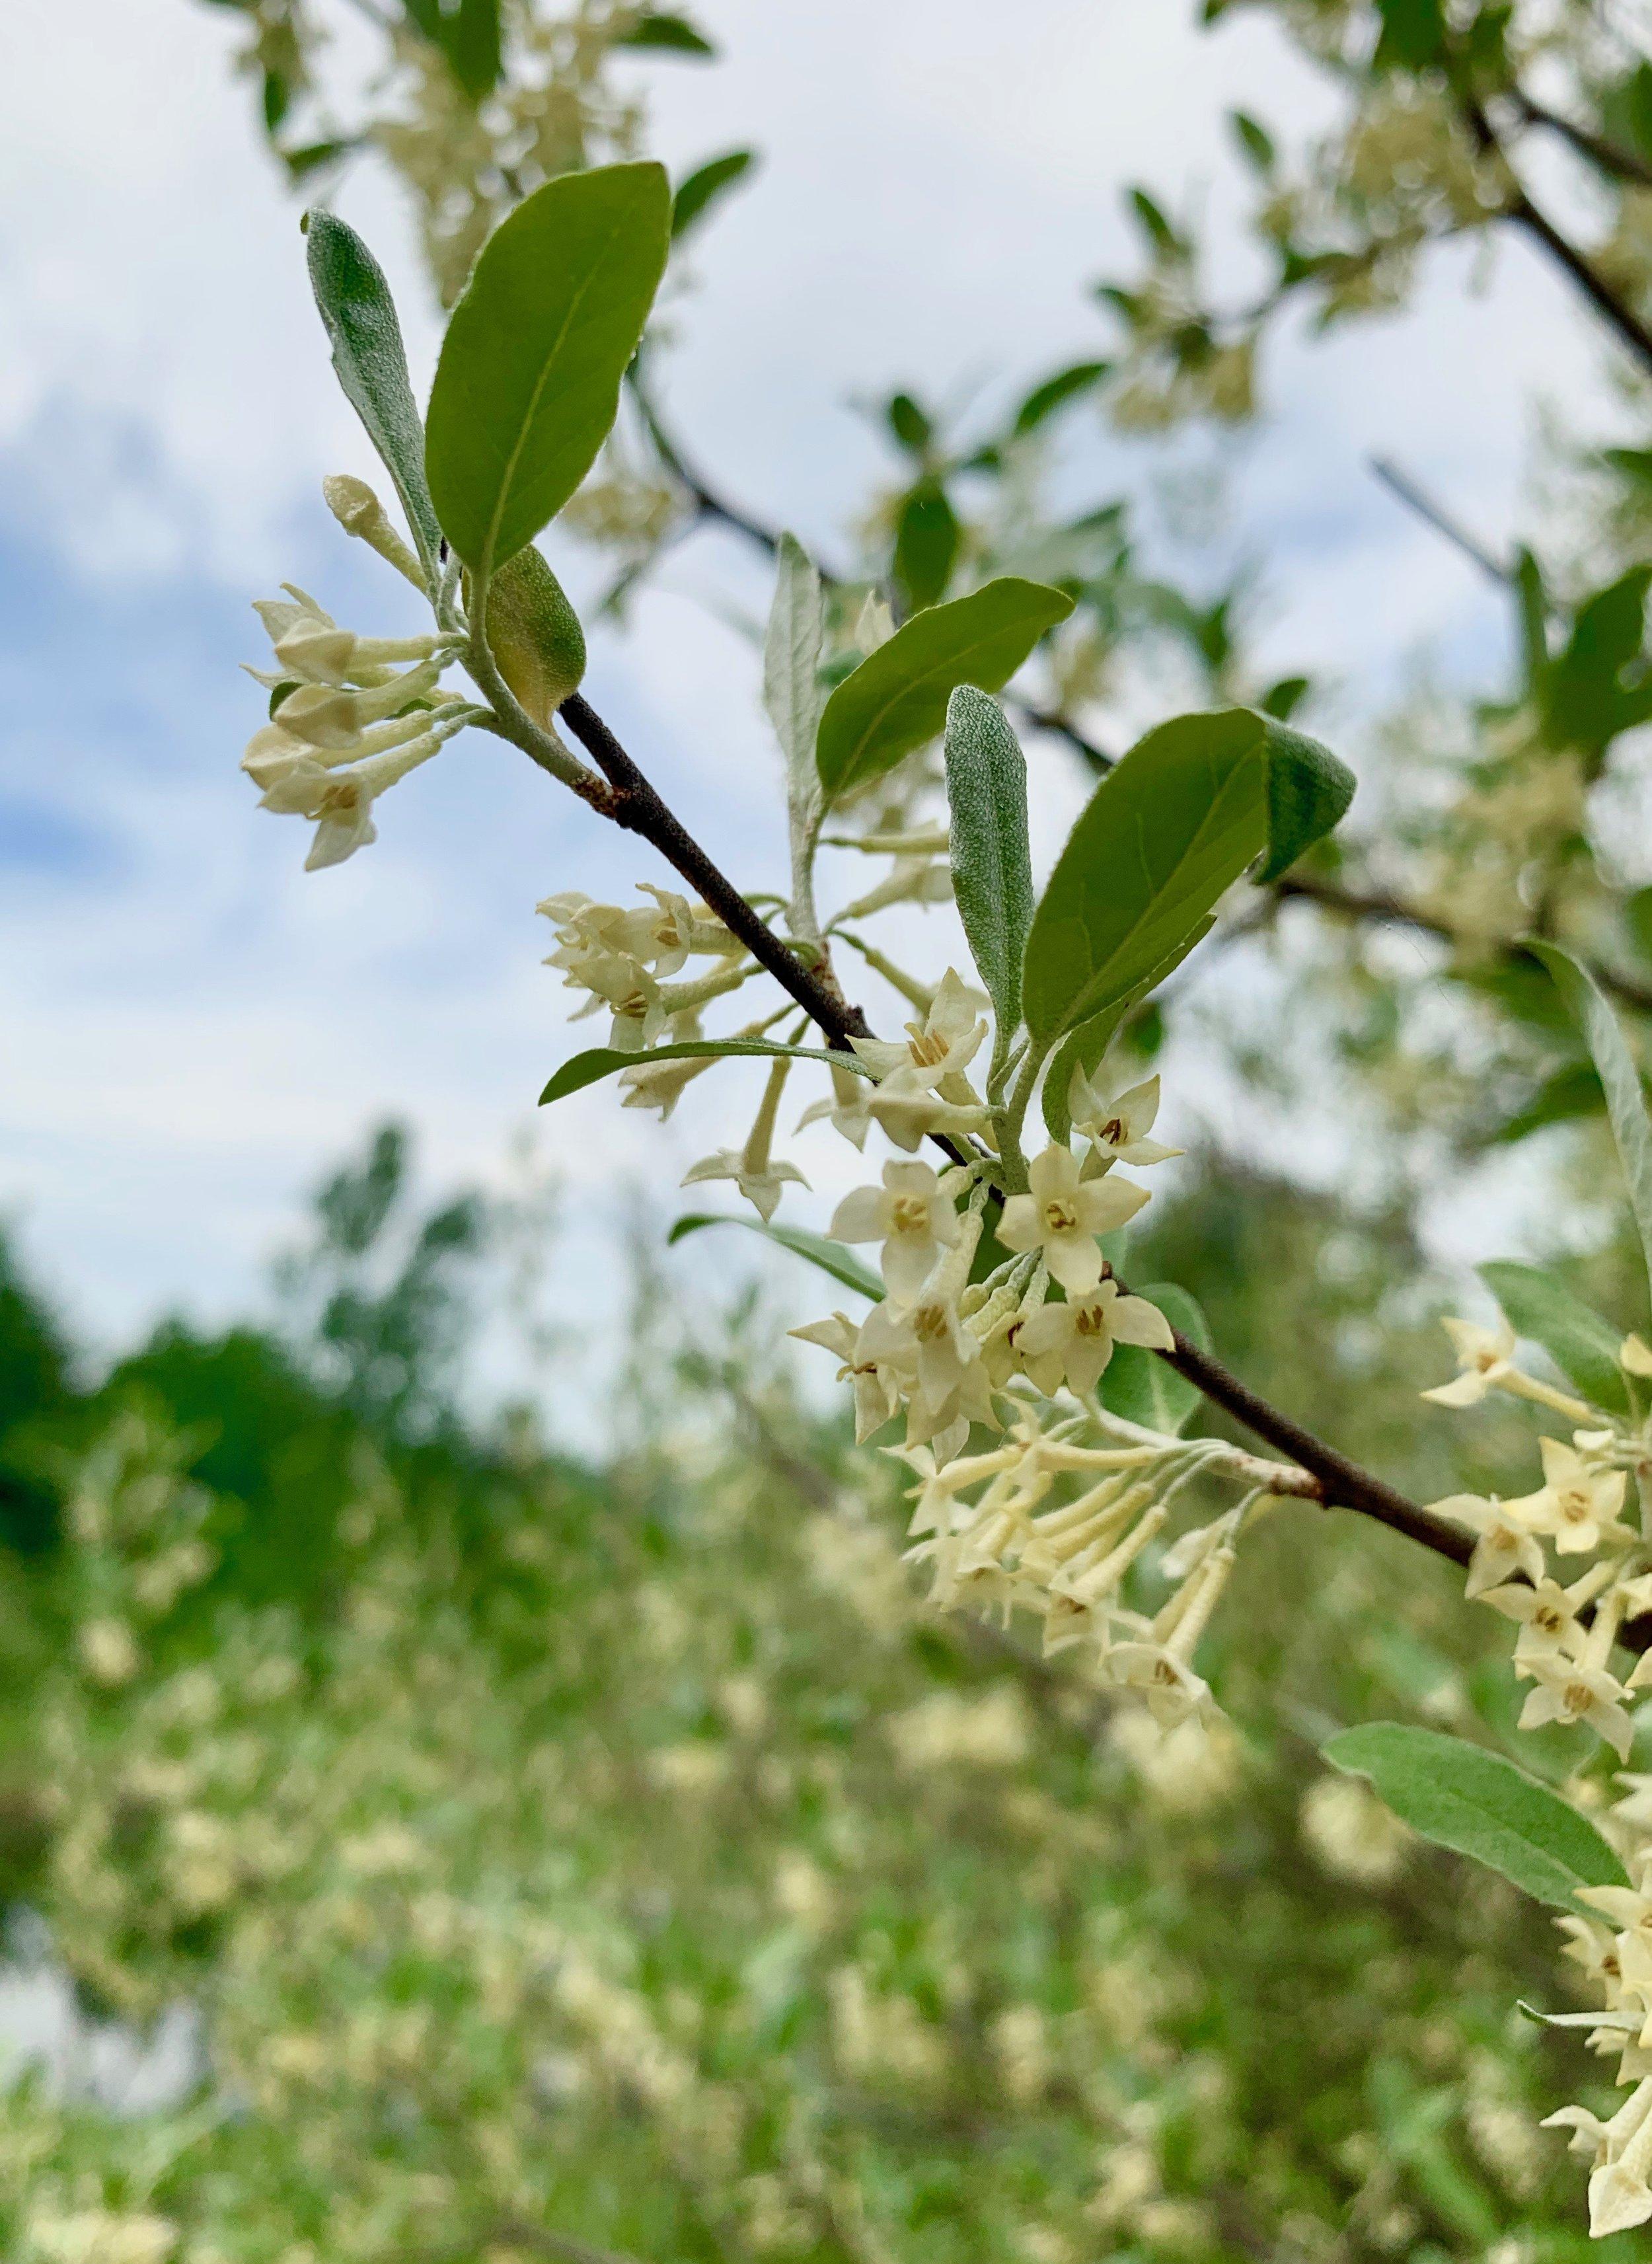 large thorny bushes with cream-colored trumpet-shaped flowers, Elaegnus umbellata, autumn olive